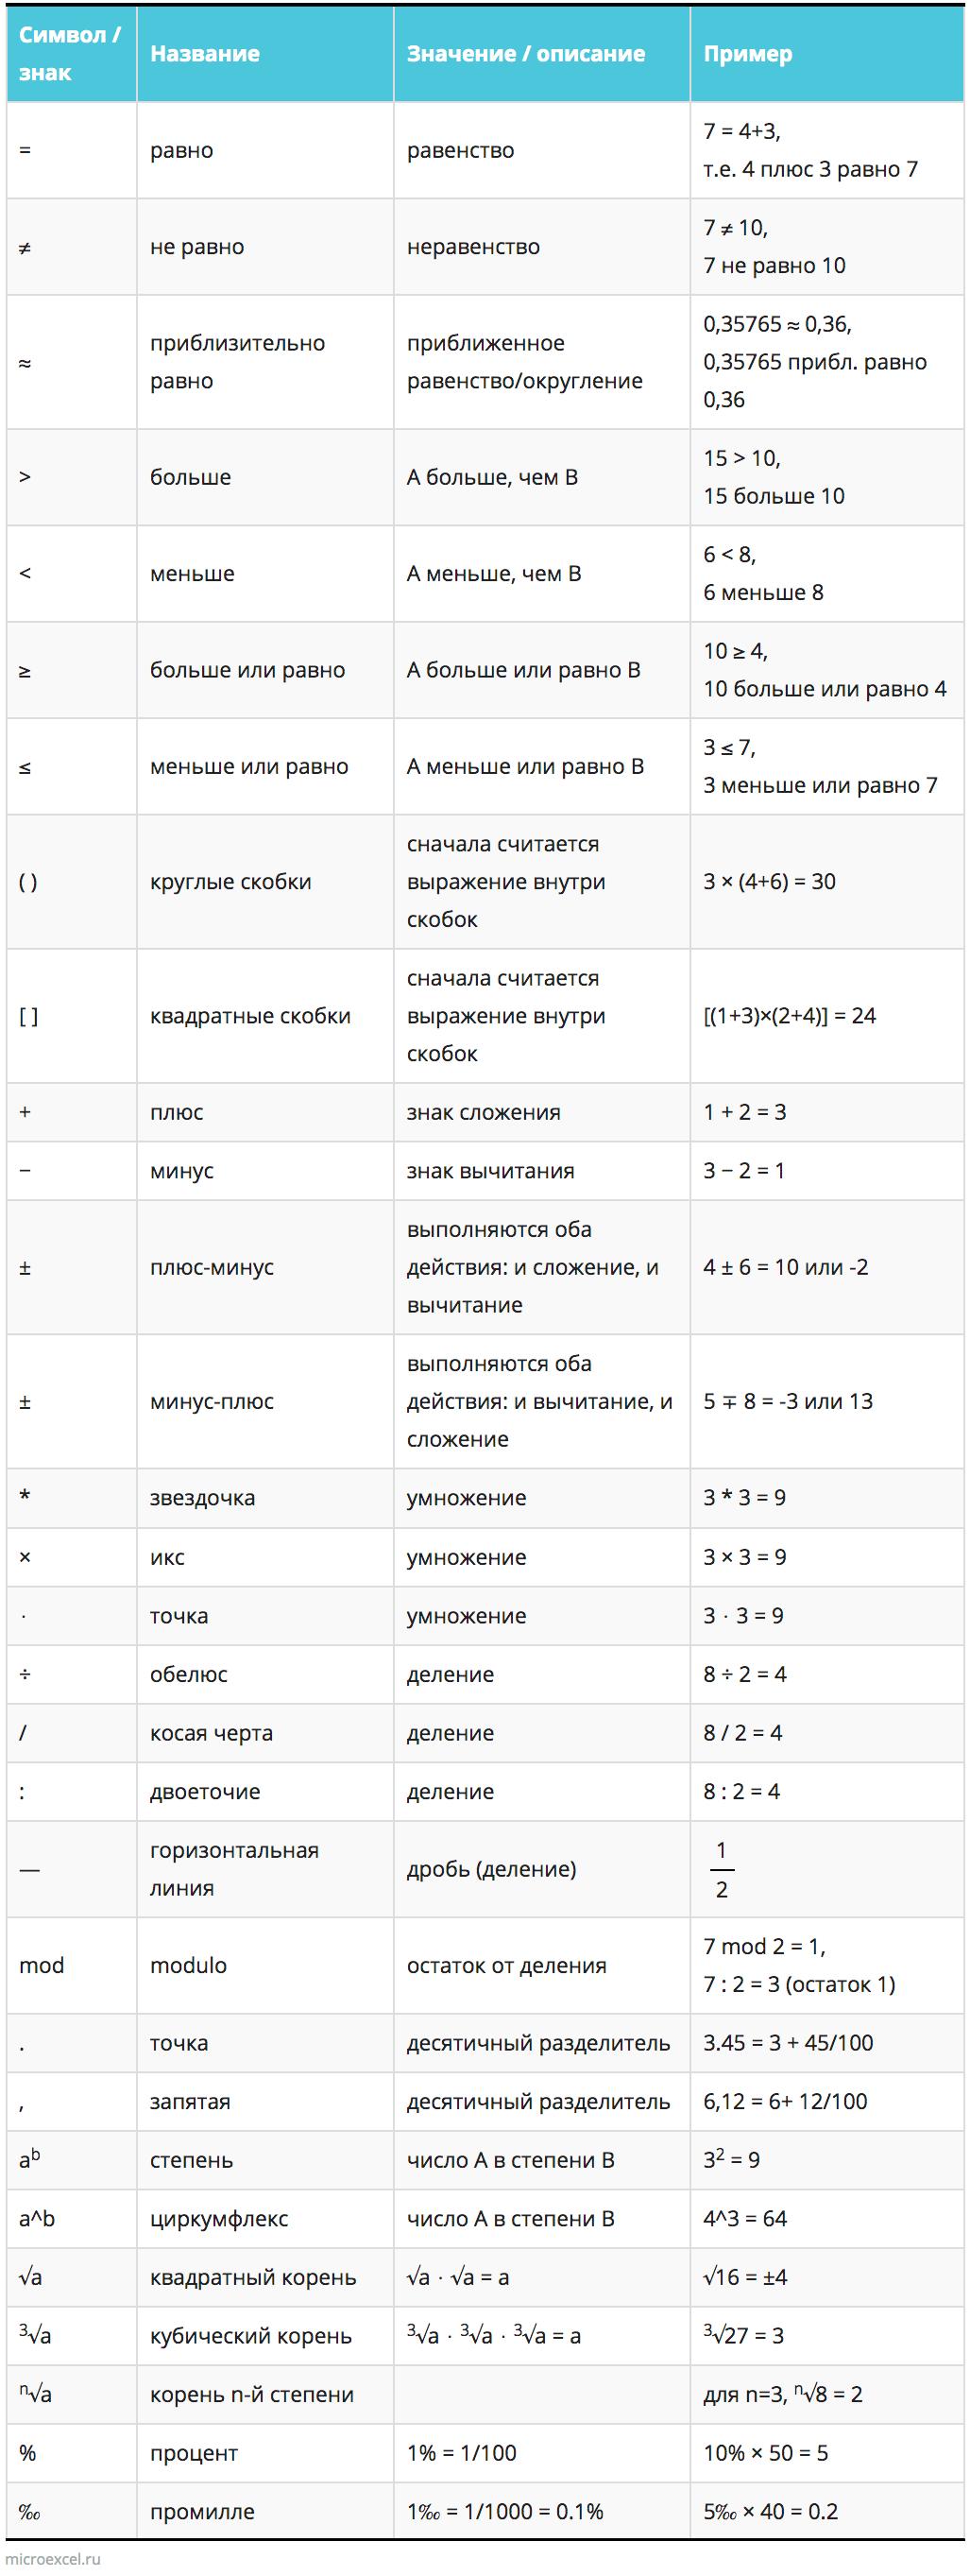 Основные математические знаки и символы